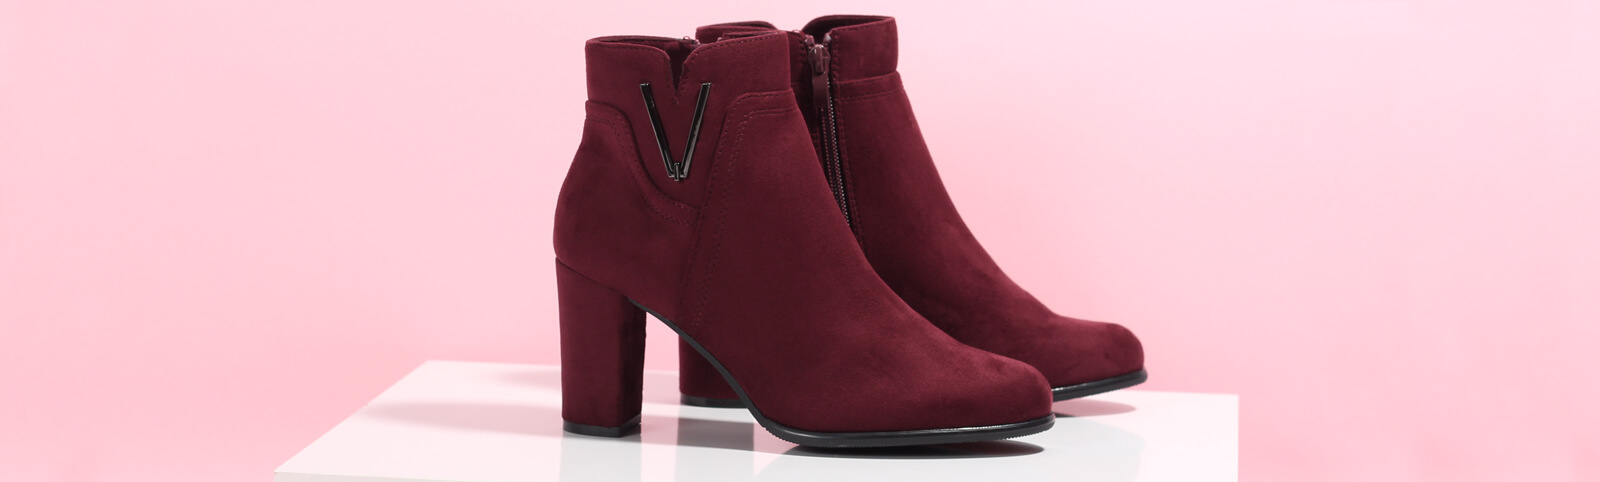 33a76a44b6 Jakie buty na jesień wybrać  Rozbudowany przewodnik damskiego